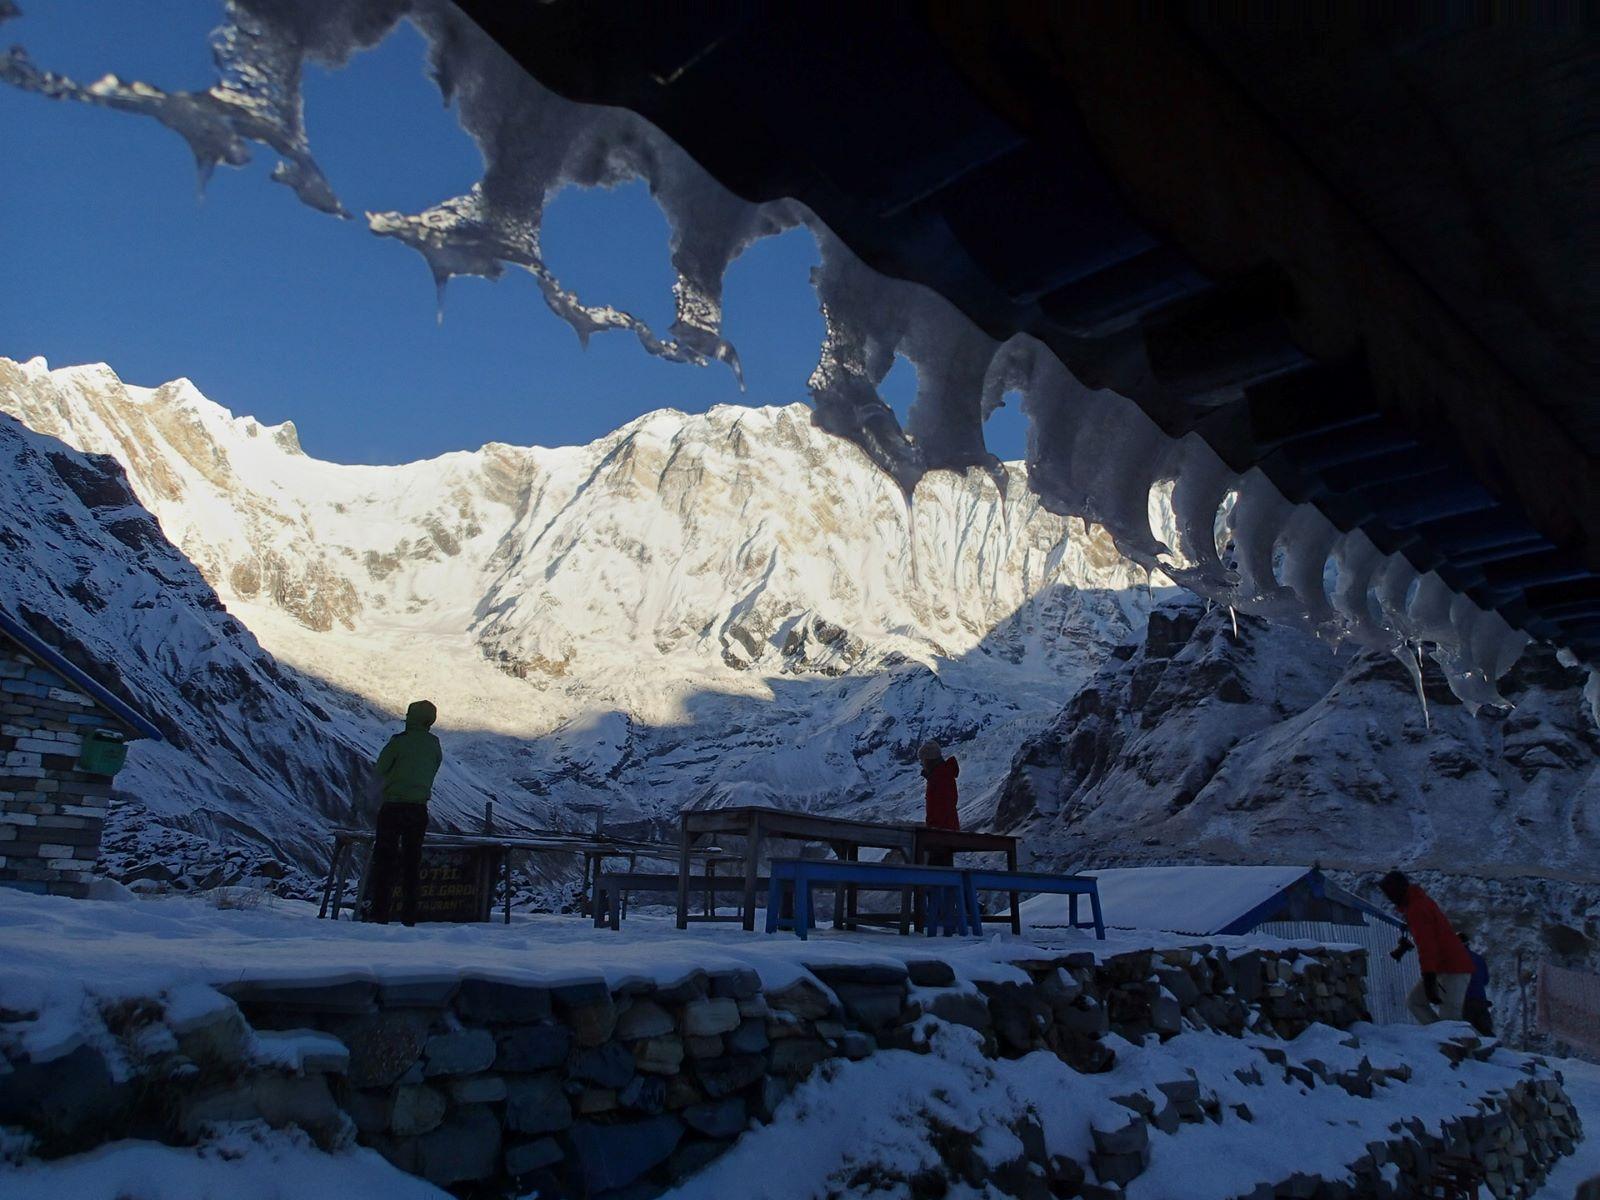 Poranek w Annapurna BC fot. Jerzy Kostrzewa